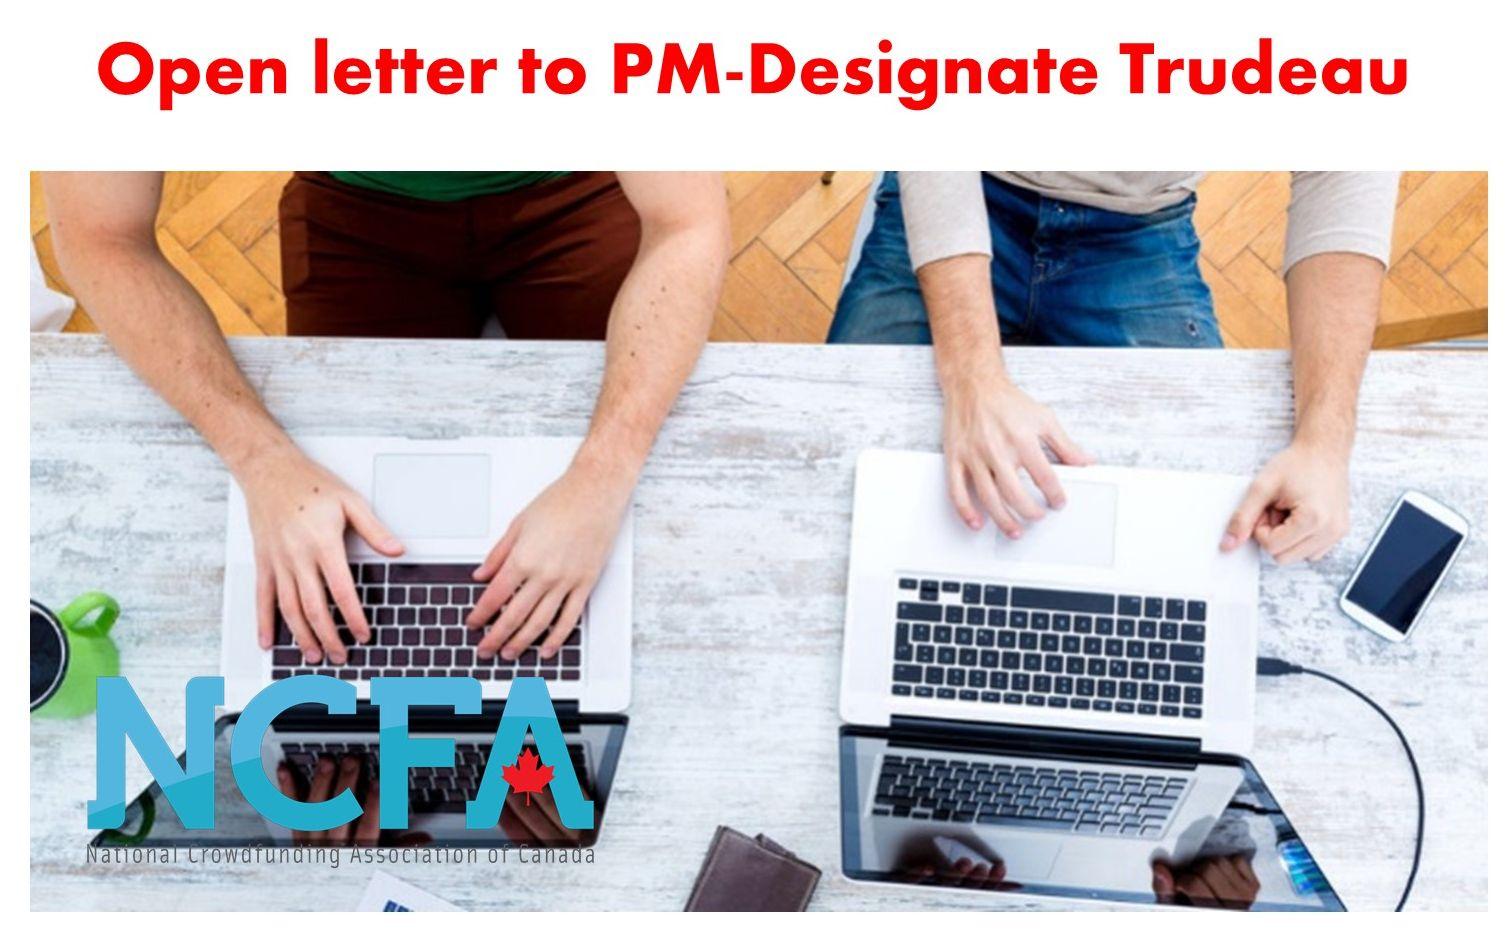 Open letter to PM-designate Trudeau